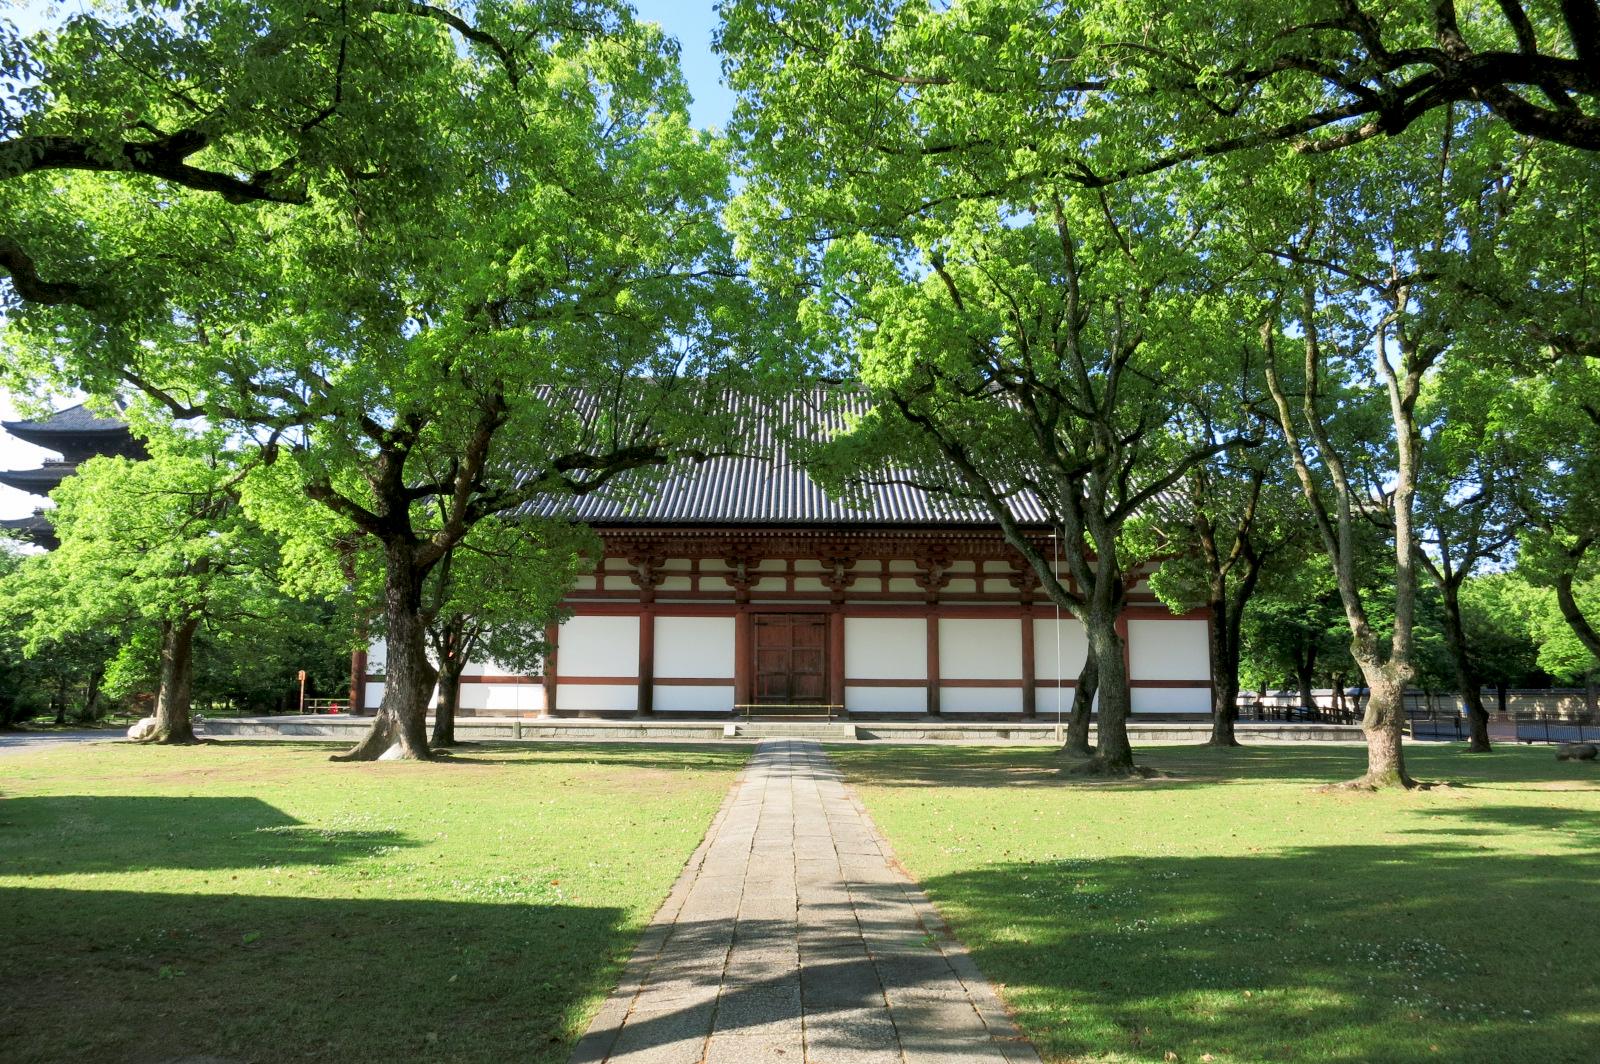 東寺の中心に位置する講堂。緑がきれいでした。